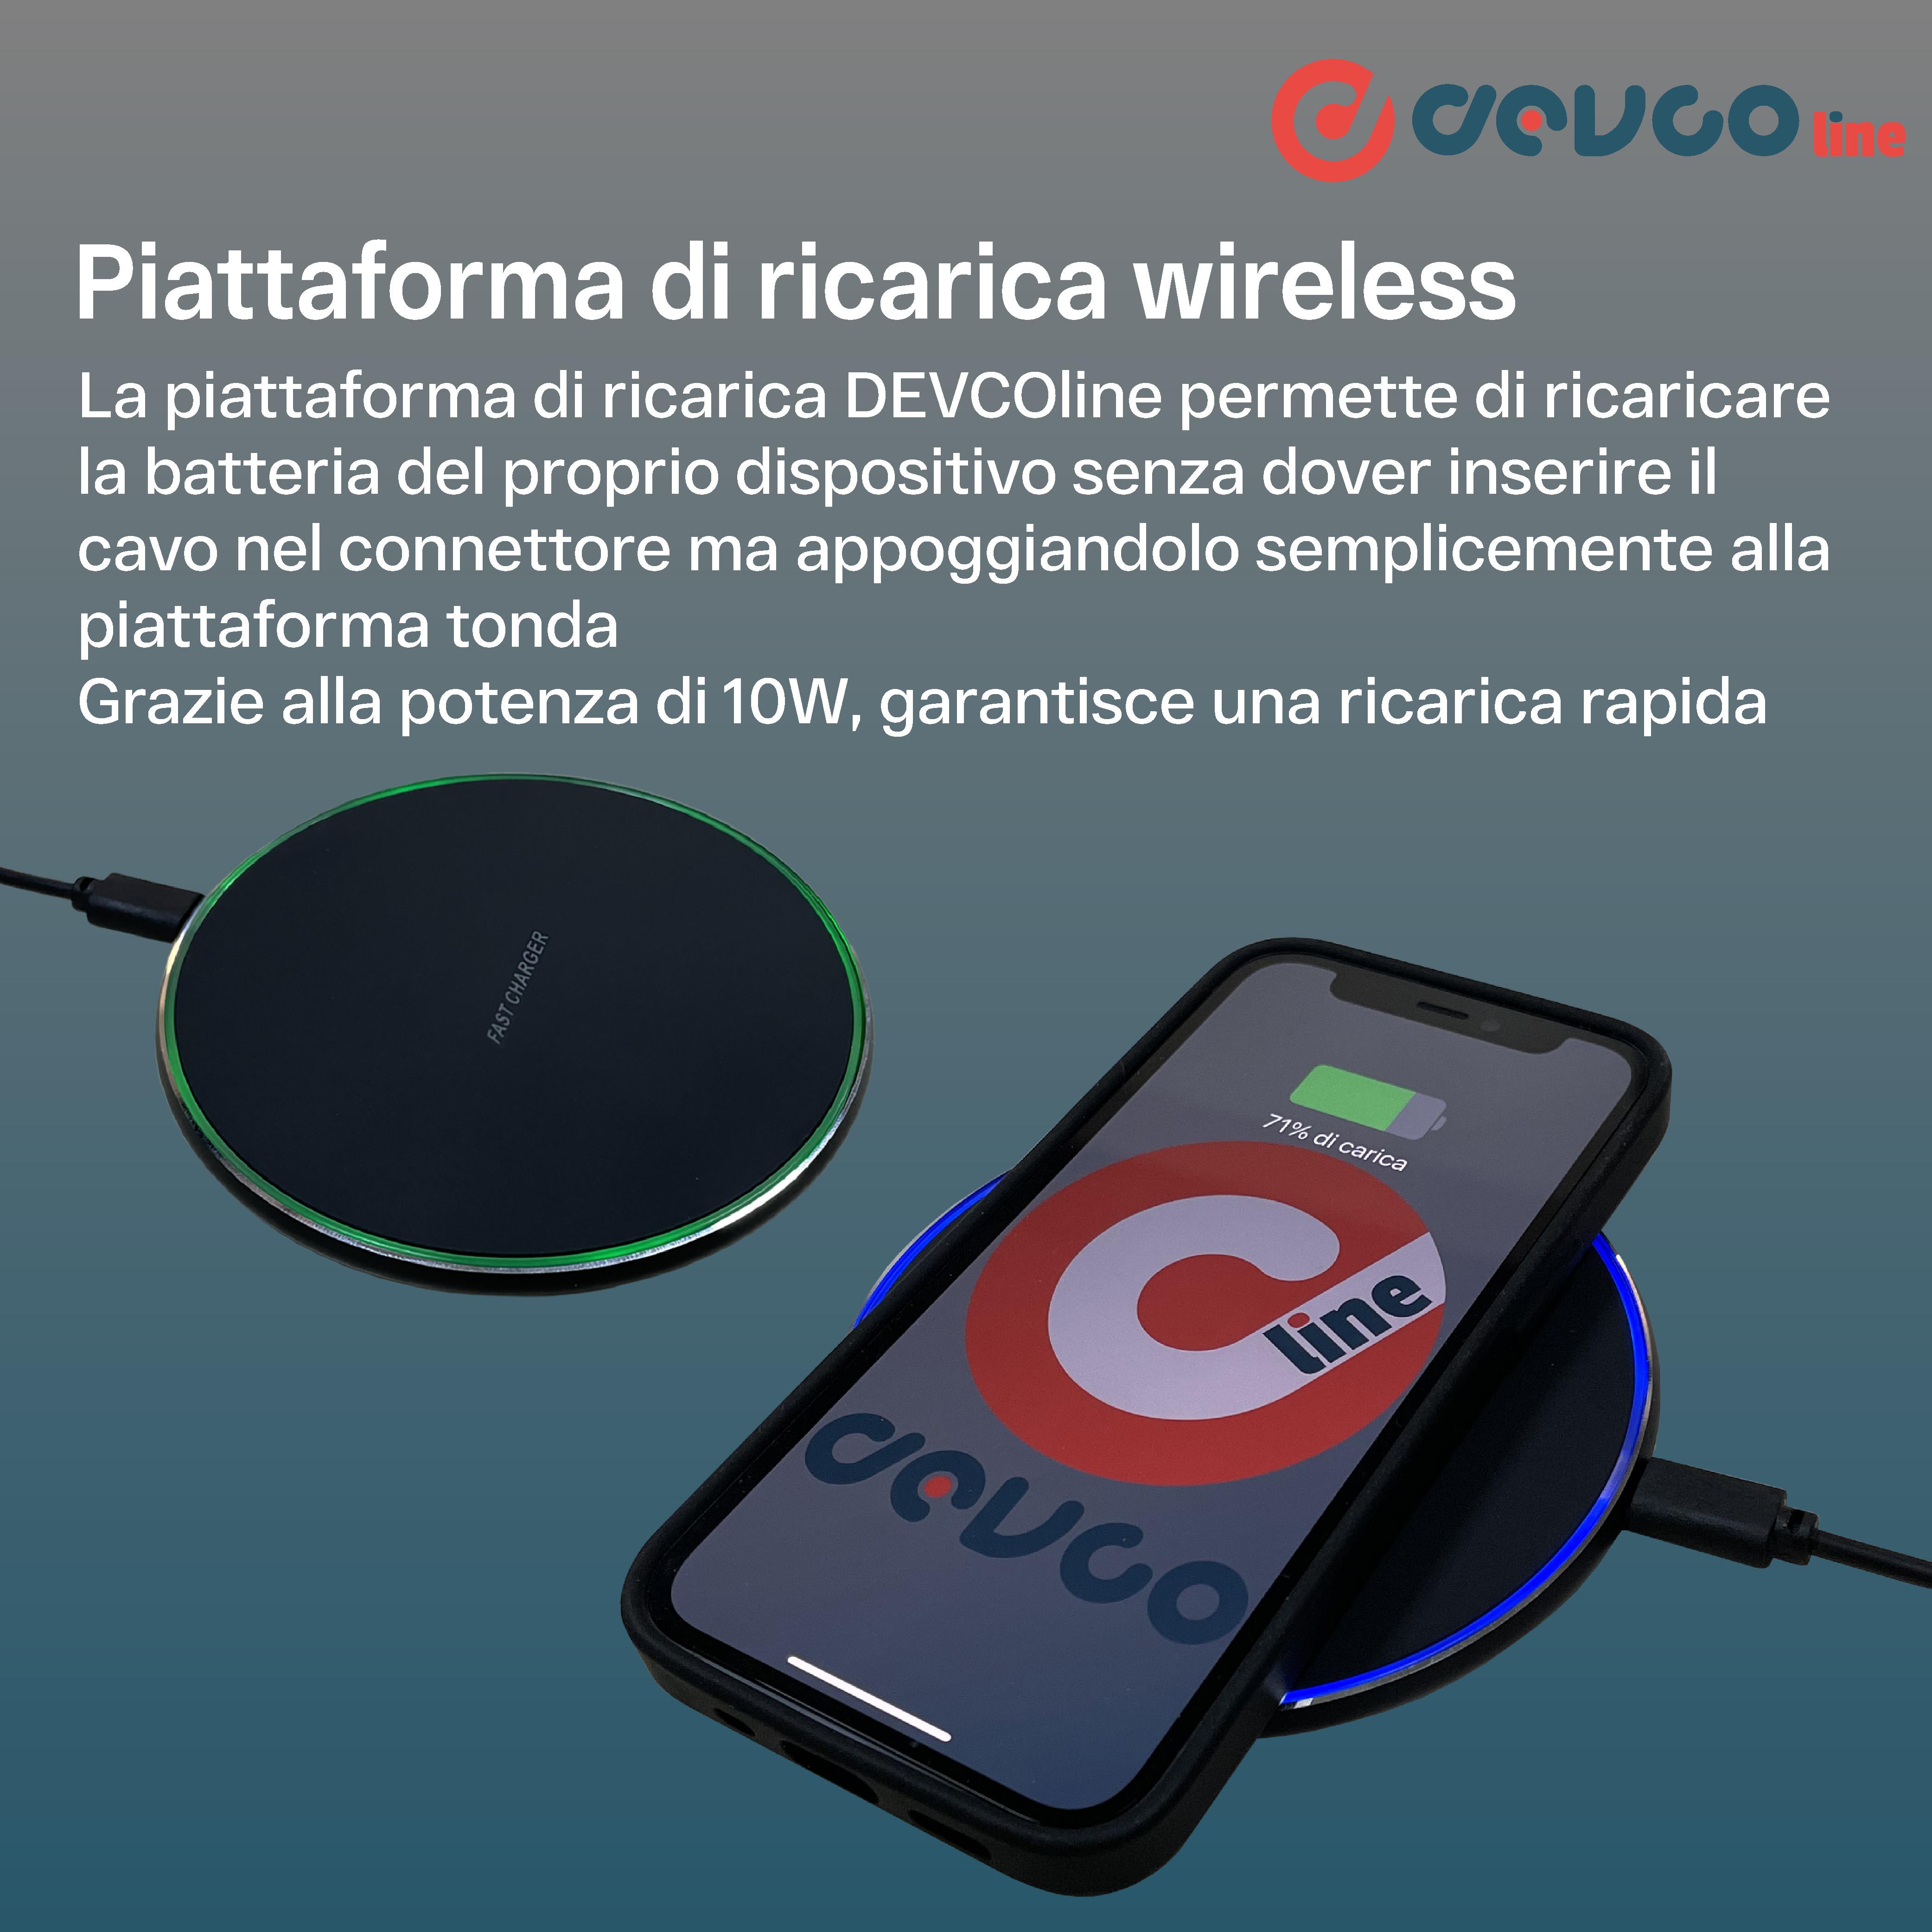 Caricatore wireless caricabatterie 10W compatibile con iPhone e smartphone